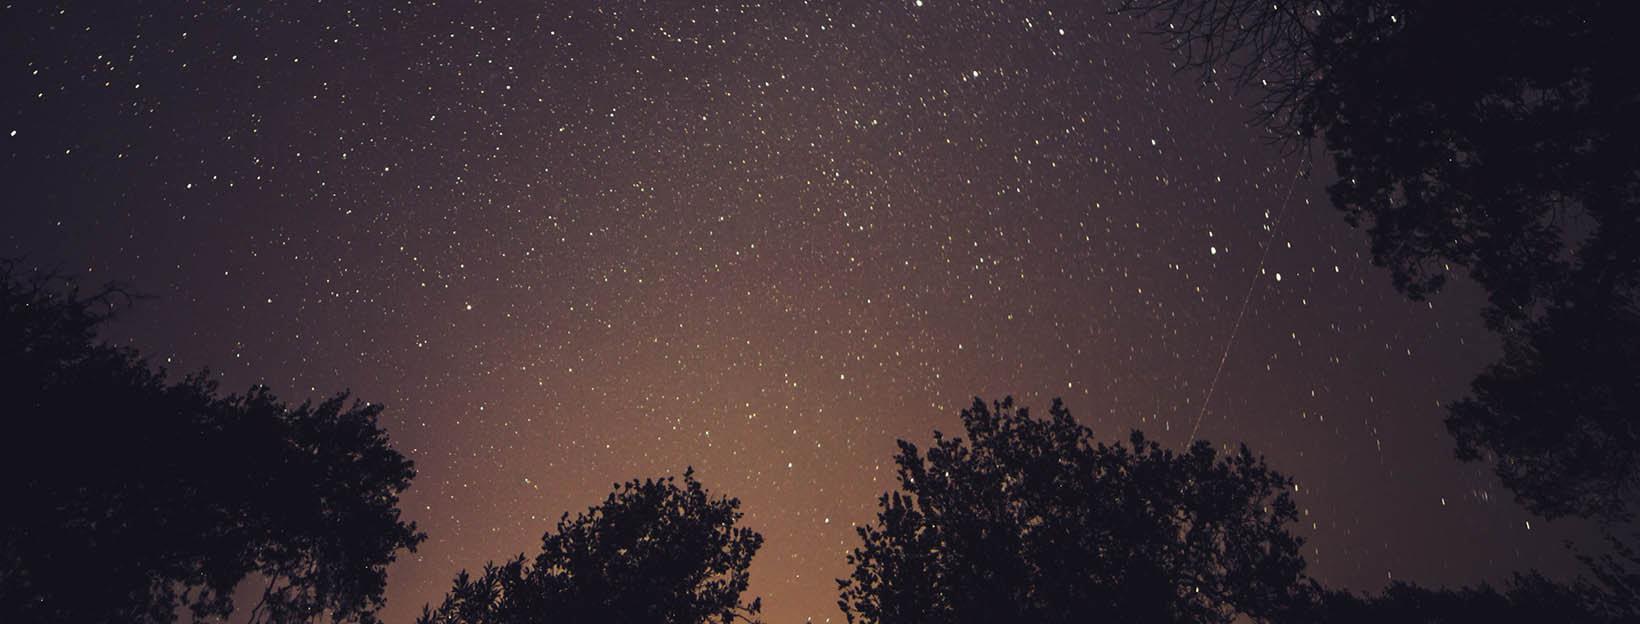 Gute Nacht Bild mit Sternenhimmel